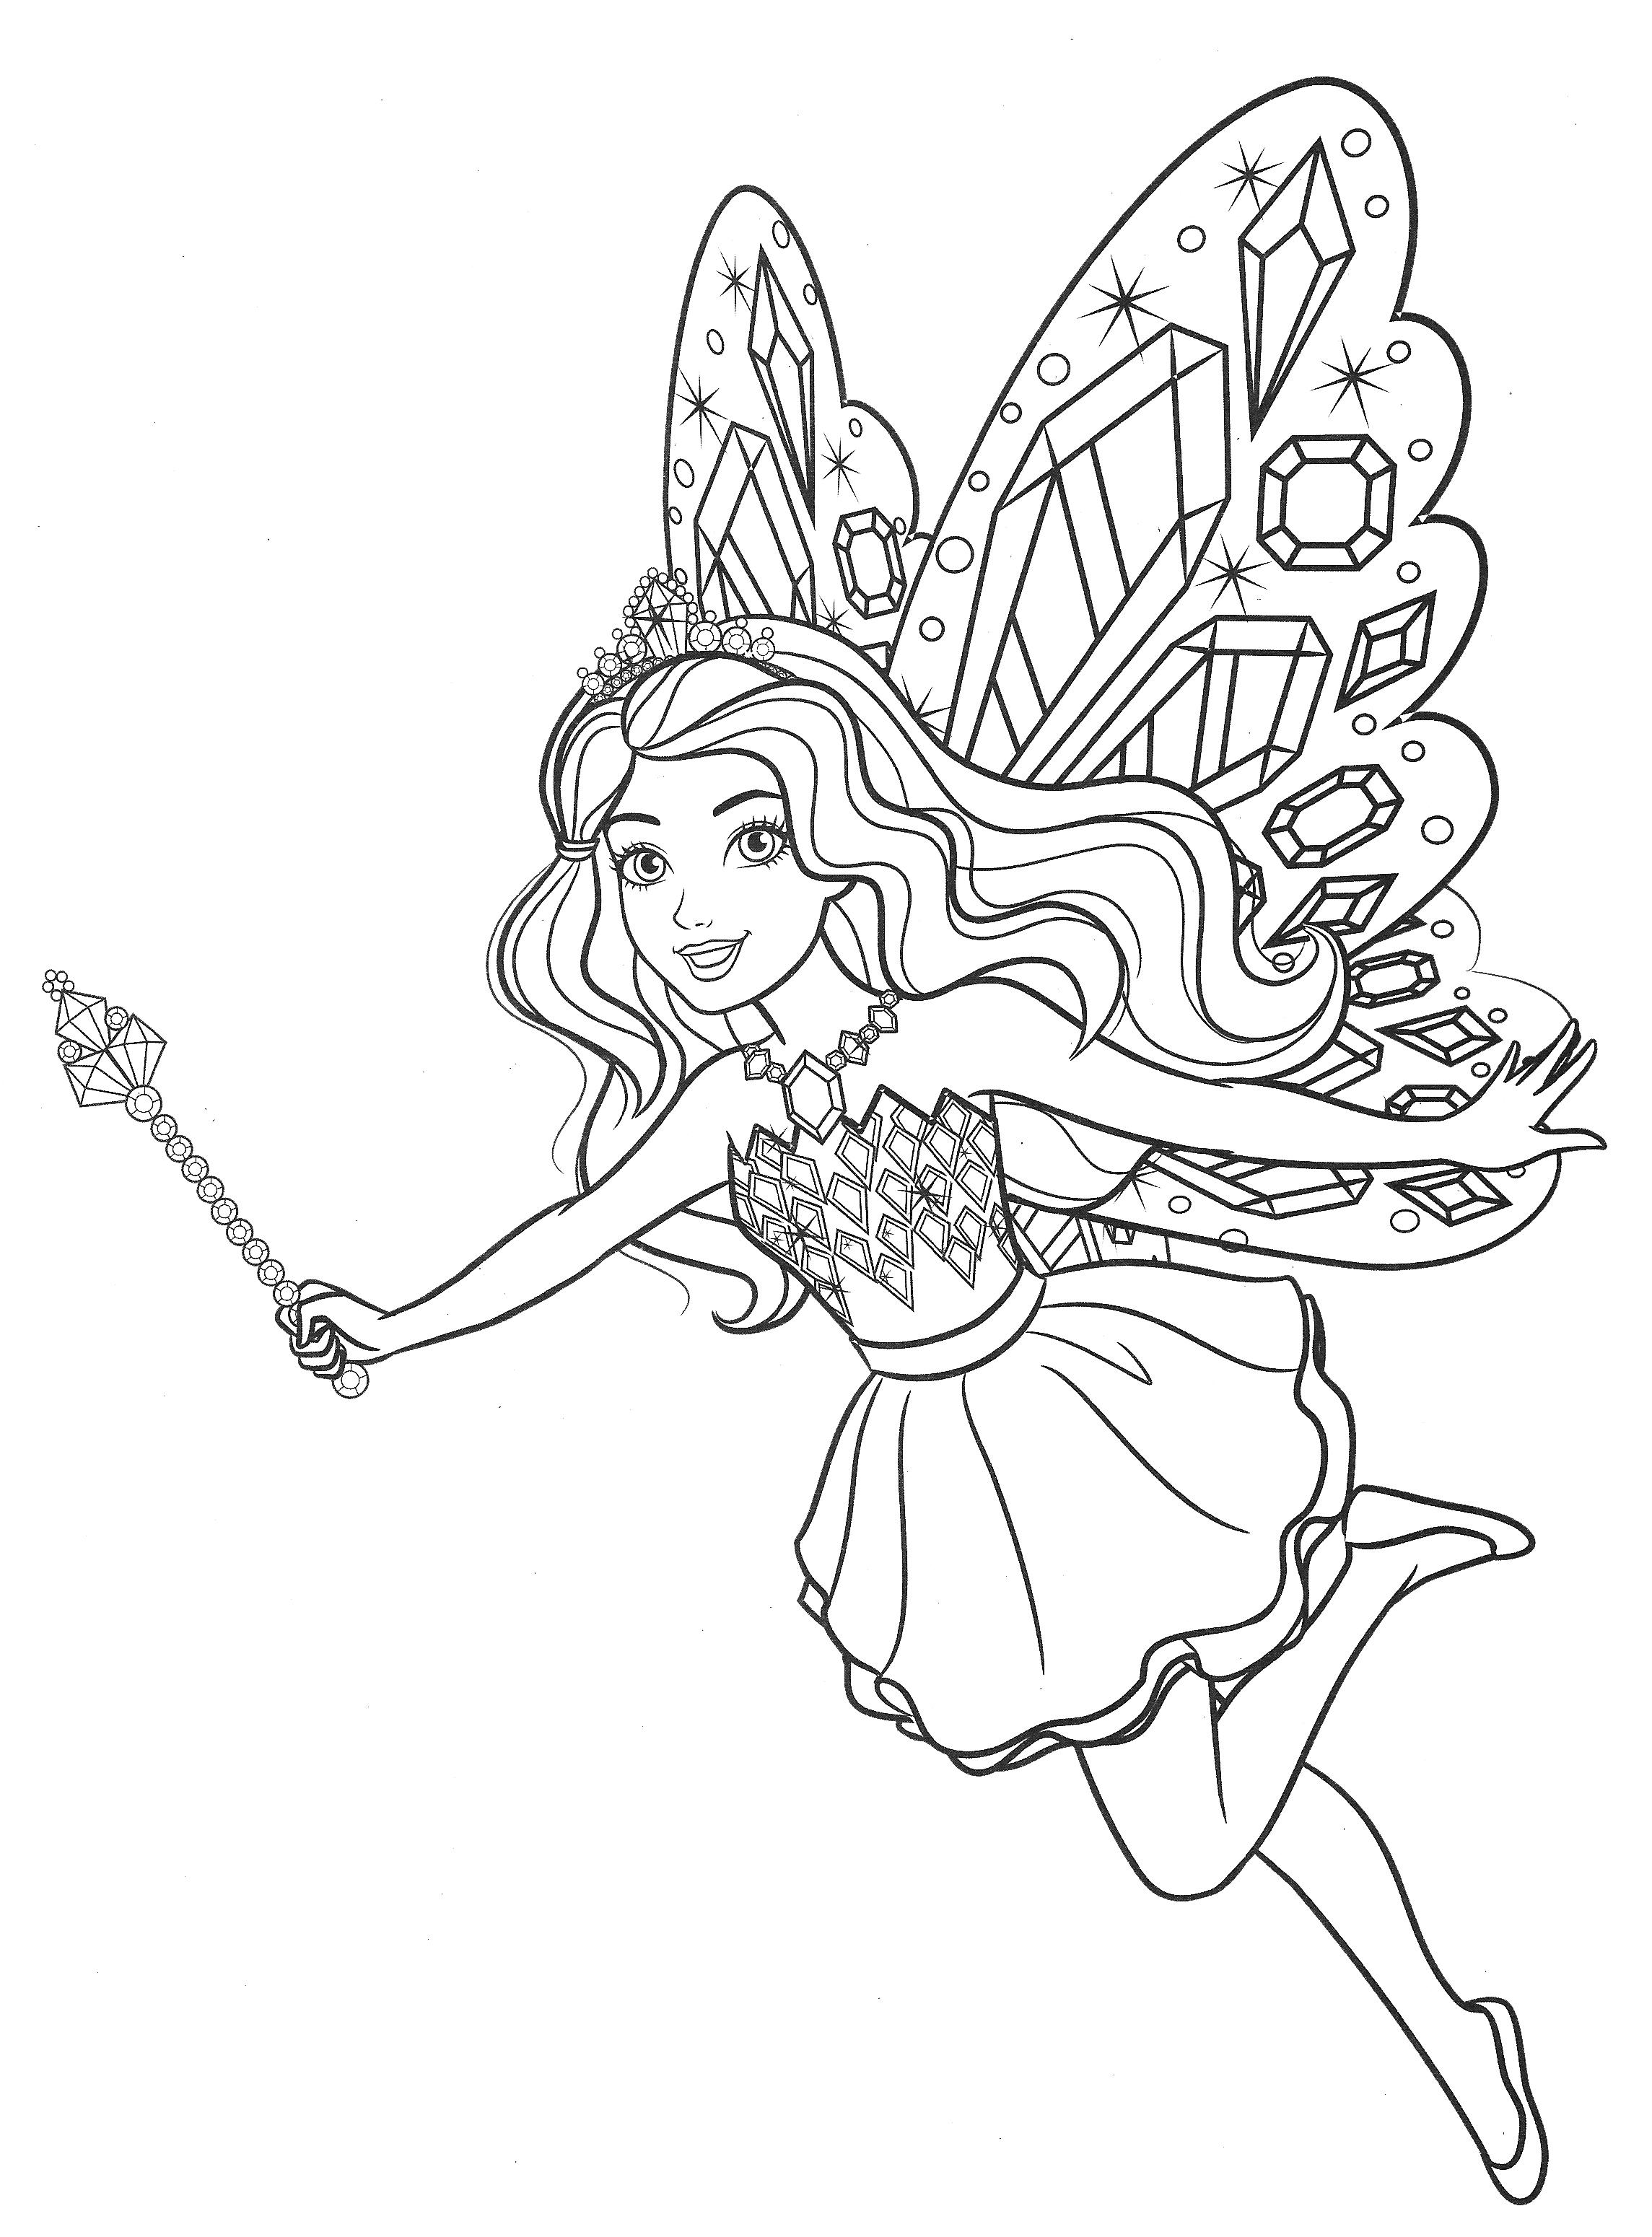 Раскраска Барби фея с крыльями бабочки - Раскраски Барби ...